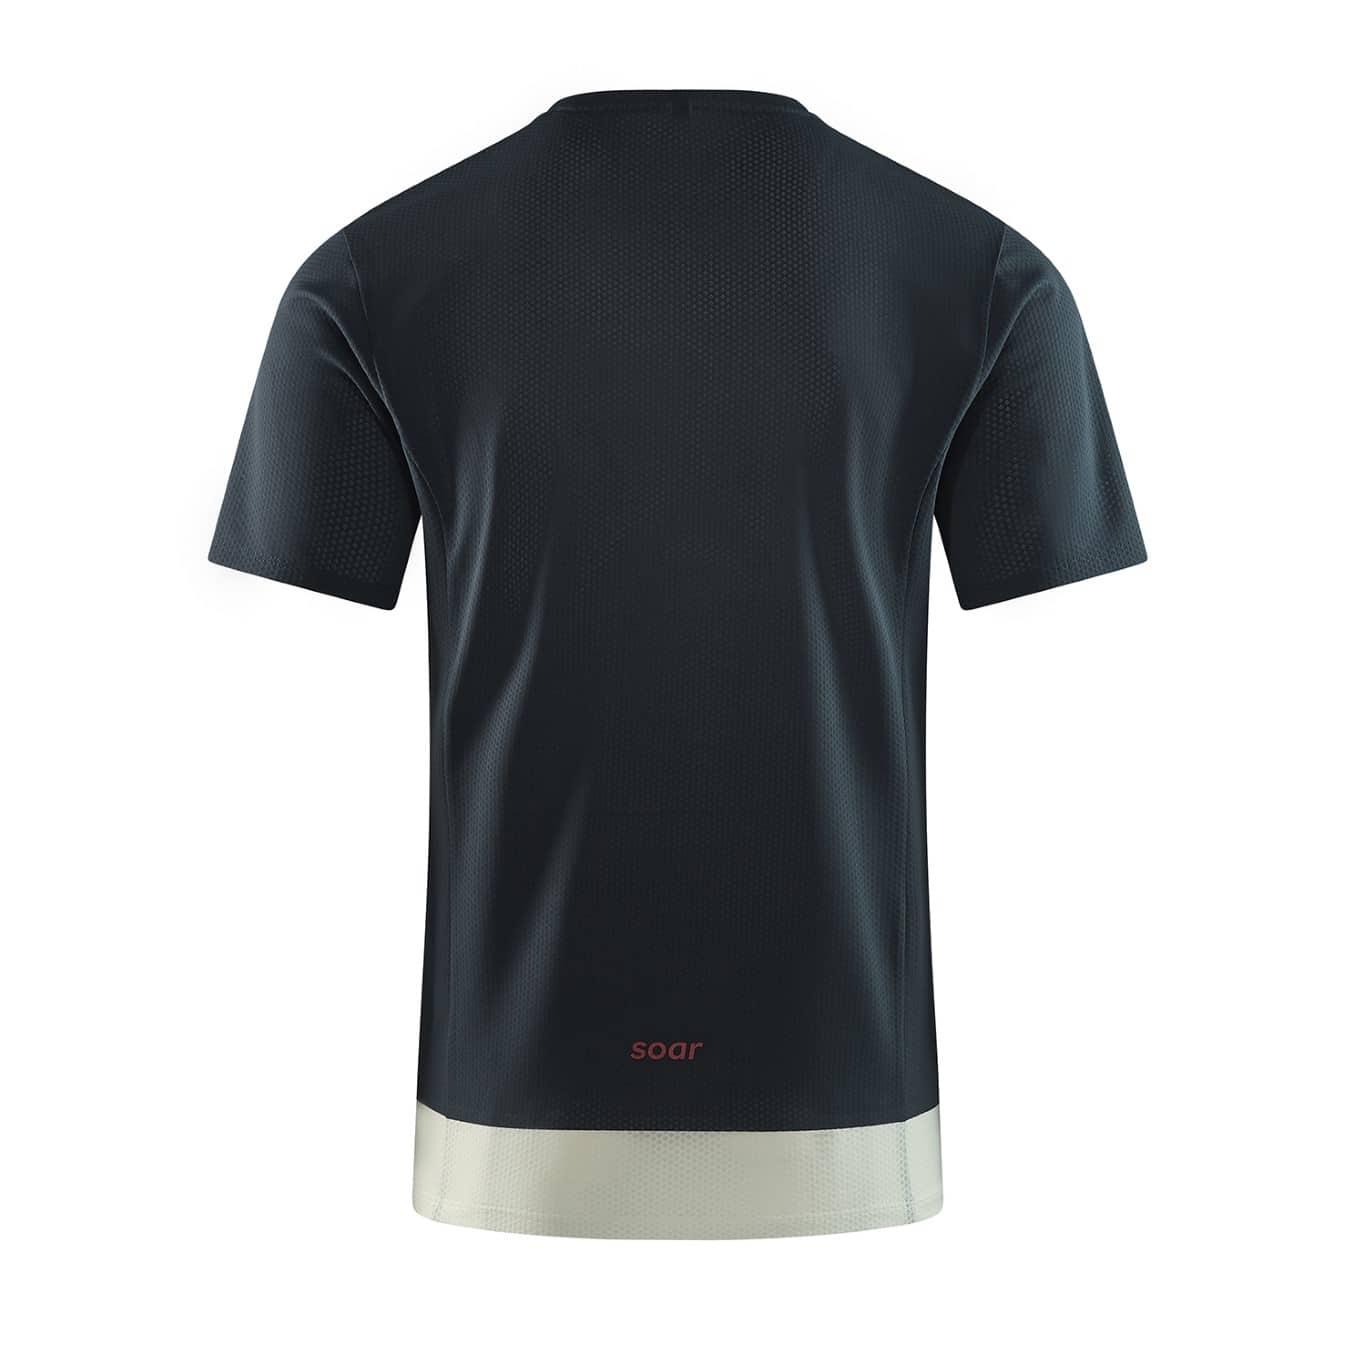 Soar Classic T-Shirt